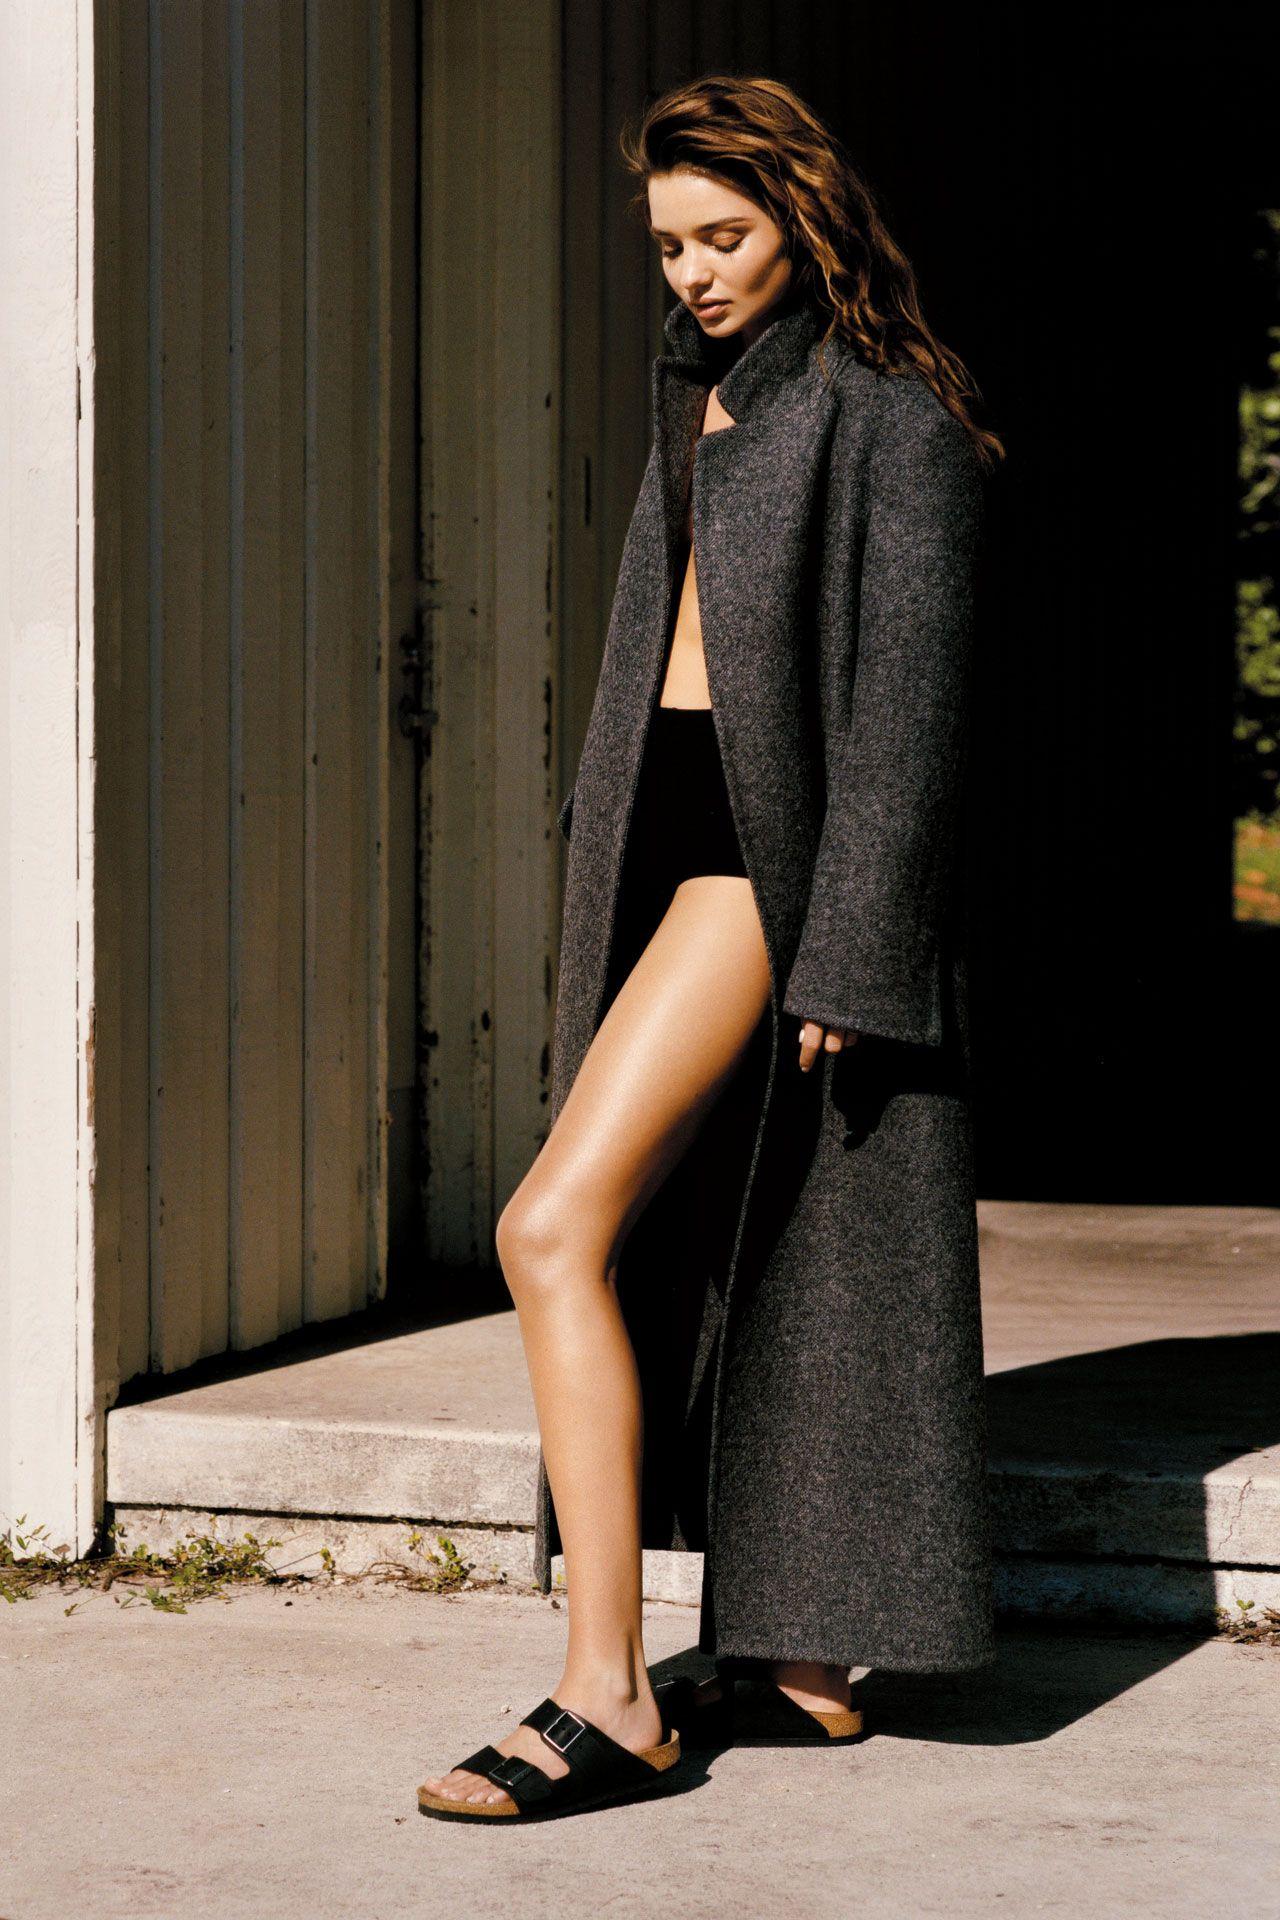 c3c04b280bf Miranda Kerr - September 2013   Fab coat